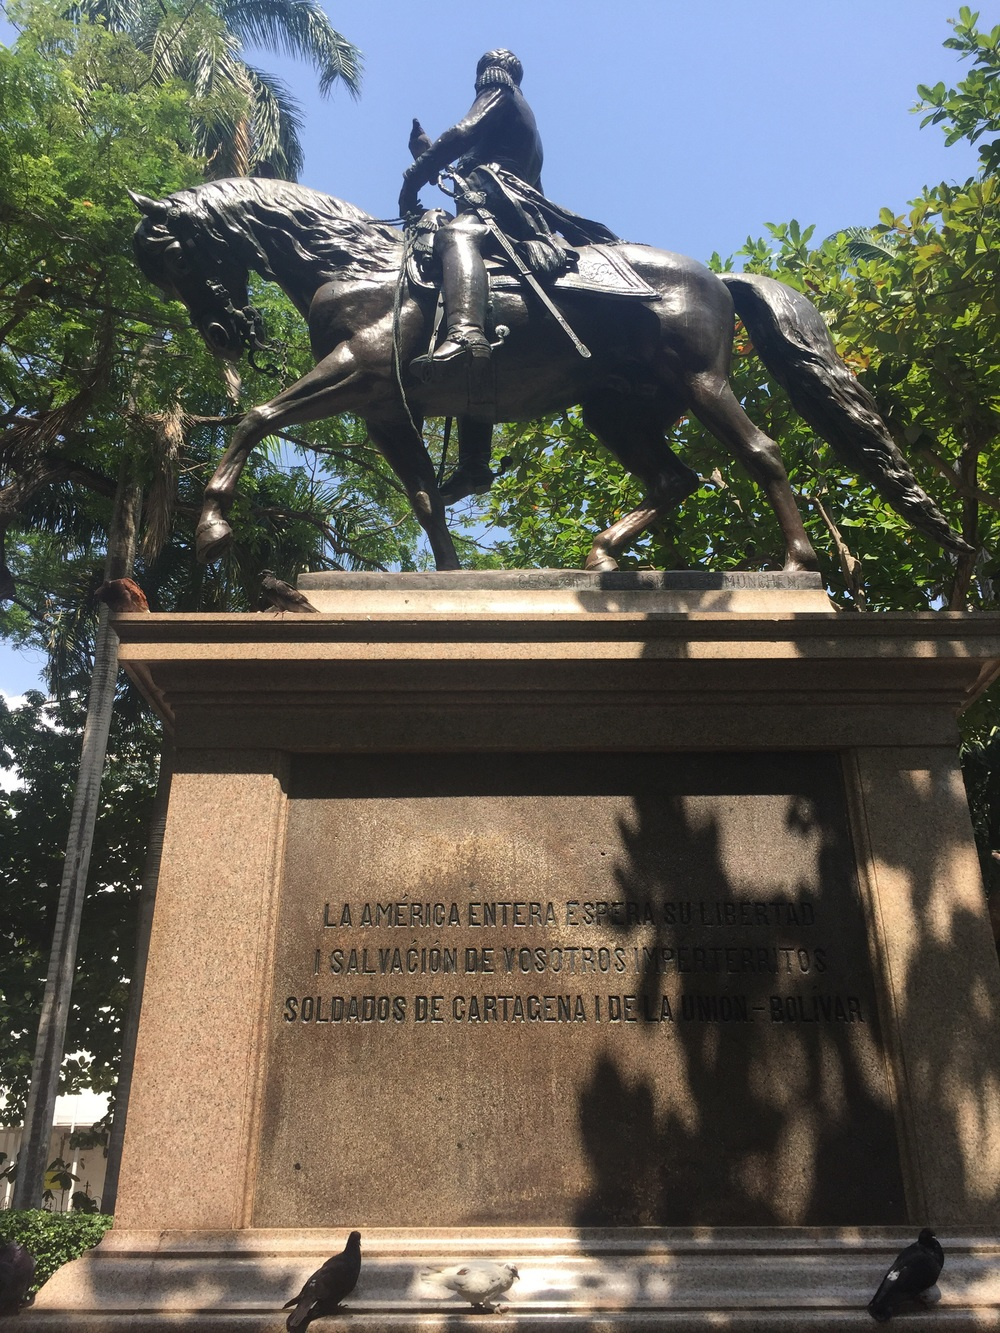 """""""La América entera espera su libertad y salvación de vosotros, impertérritos soldados de Cartagena y de la Unión"""" - Simon Bolivar"""